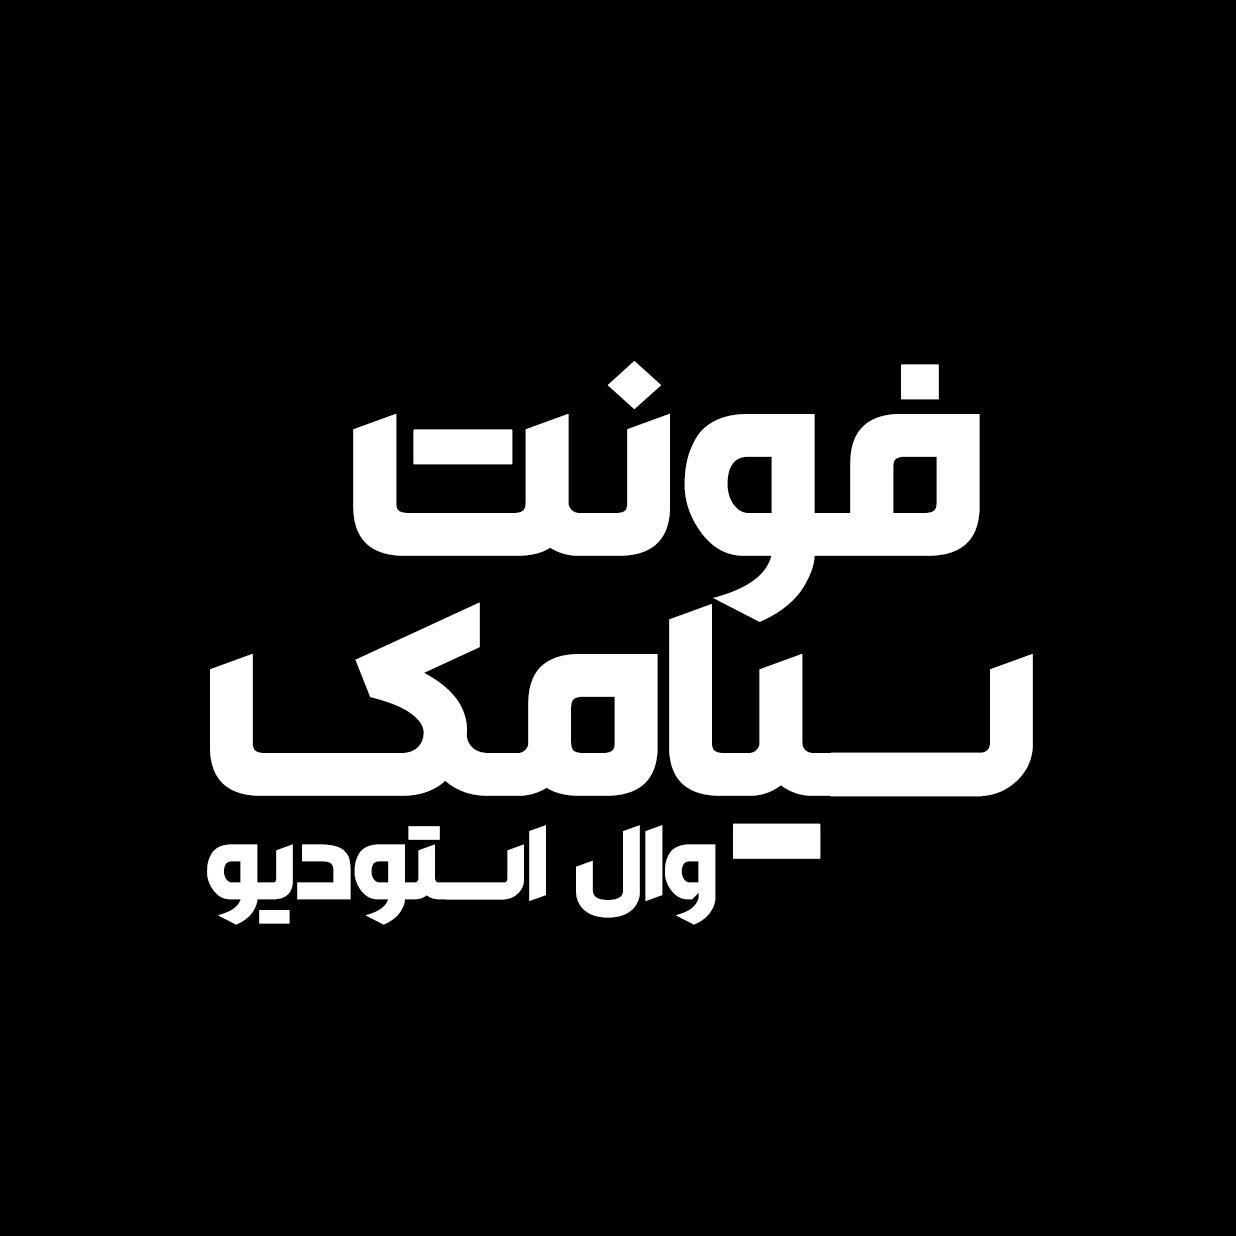 دانلود فونت فارسی سیامک